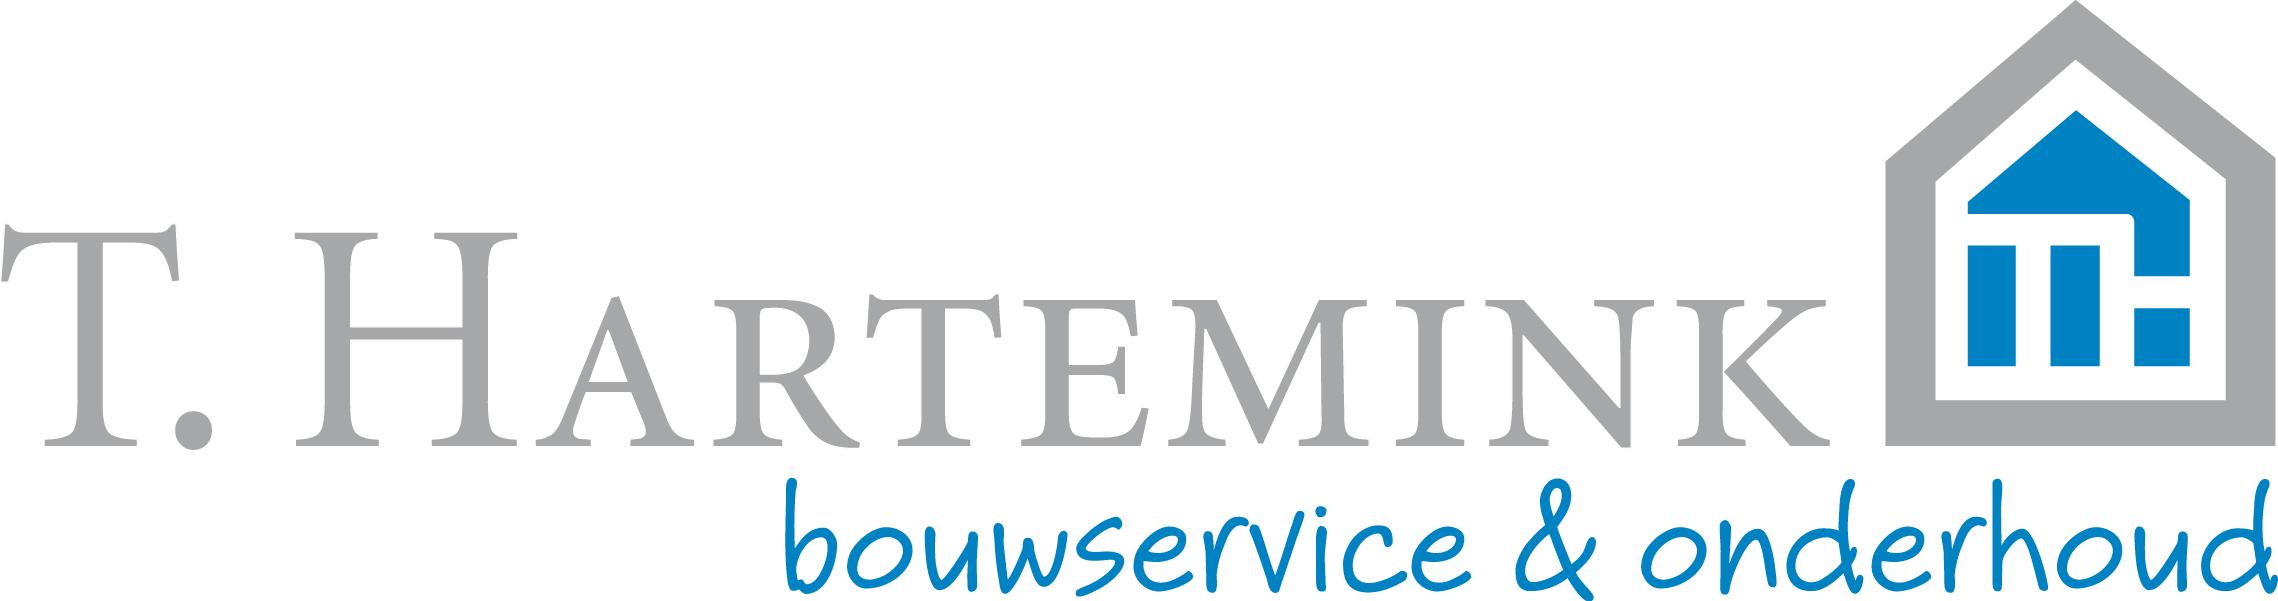 Tonny Hartemink Bouwservice & Onderhoud